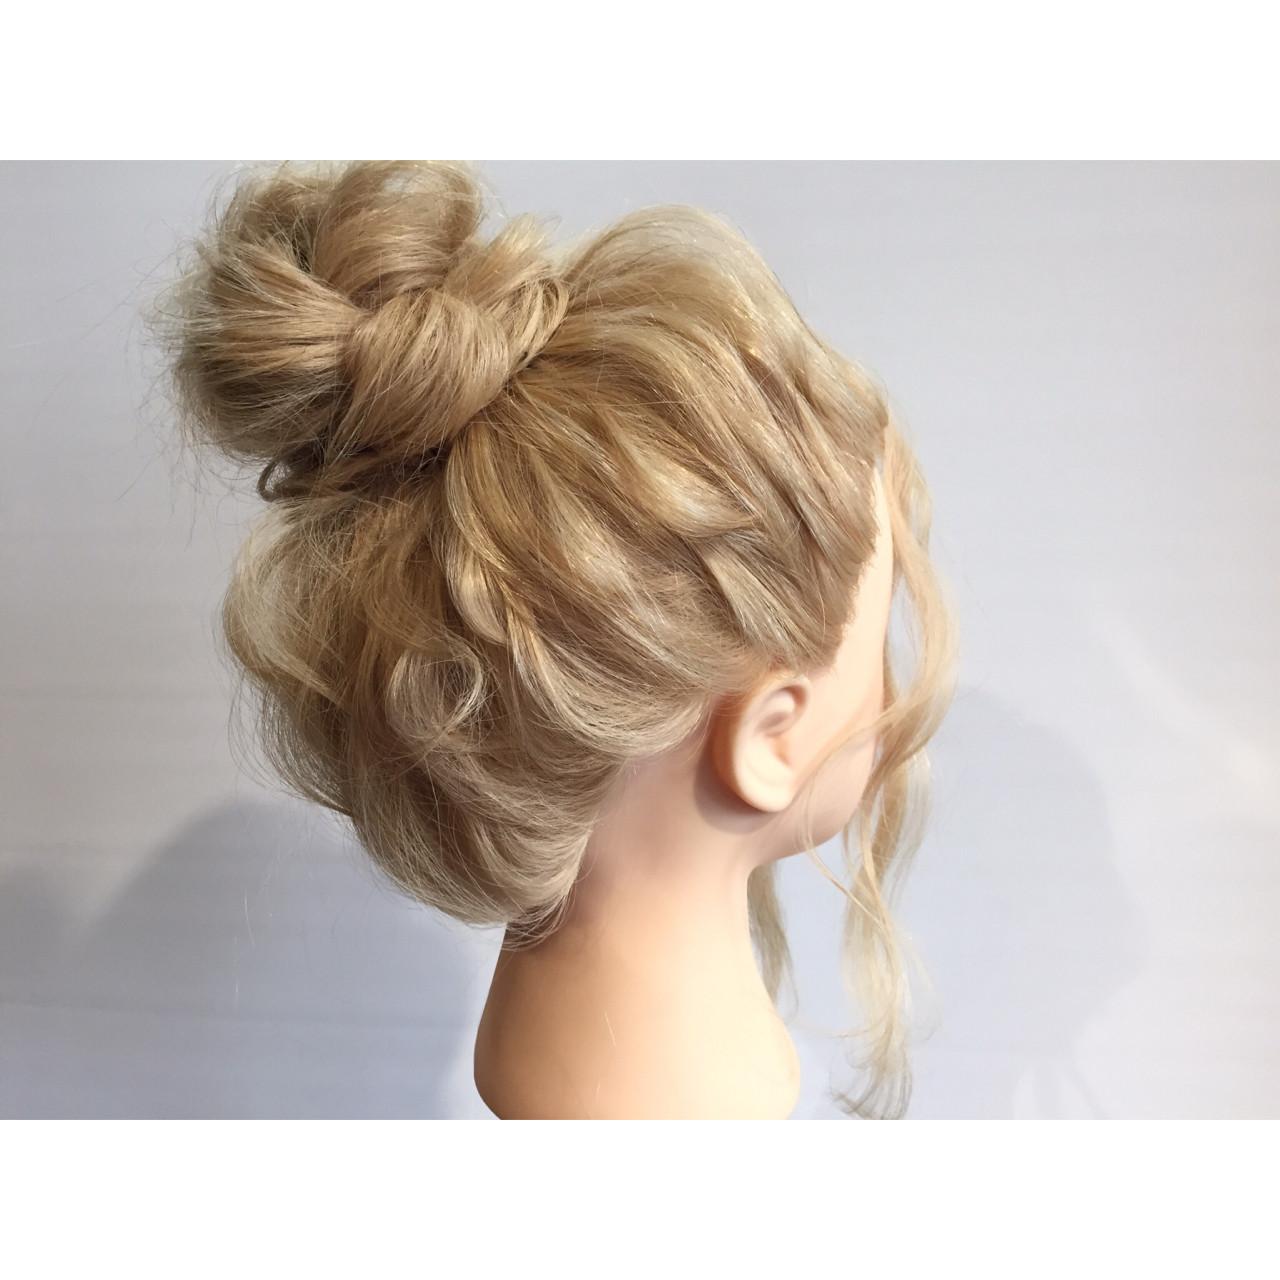 ヘアアレンジ 簡単ヘアアレンジ 三つ編み セミロング ヘアスタイルや髪型の写真・画像